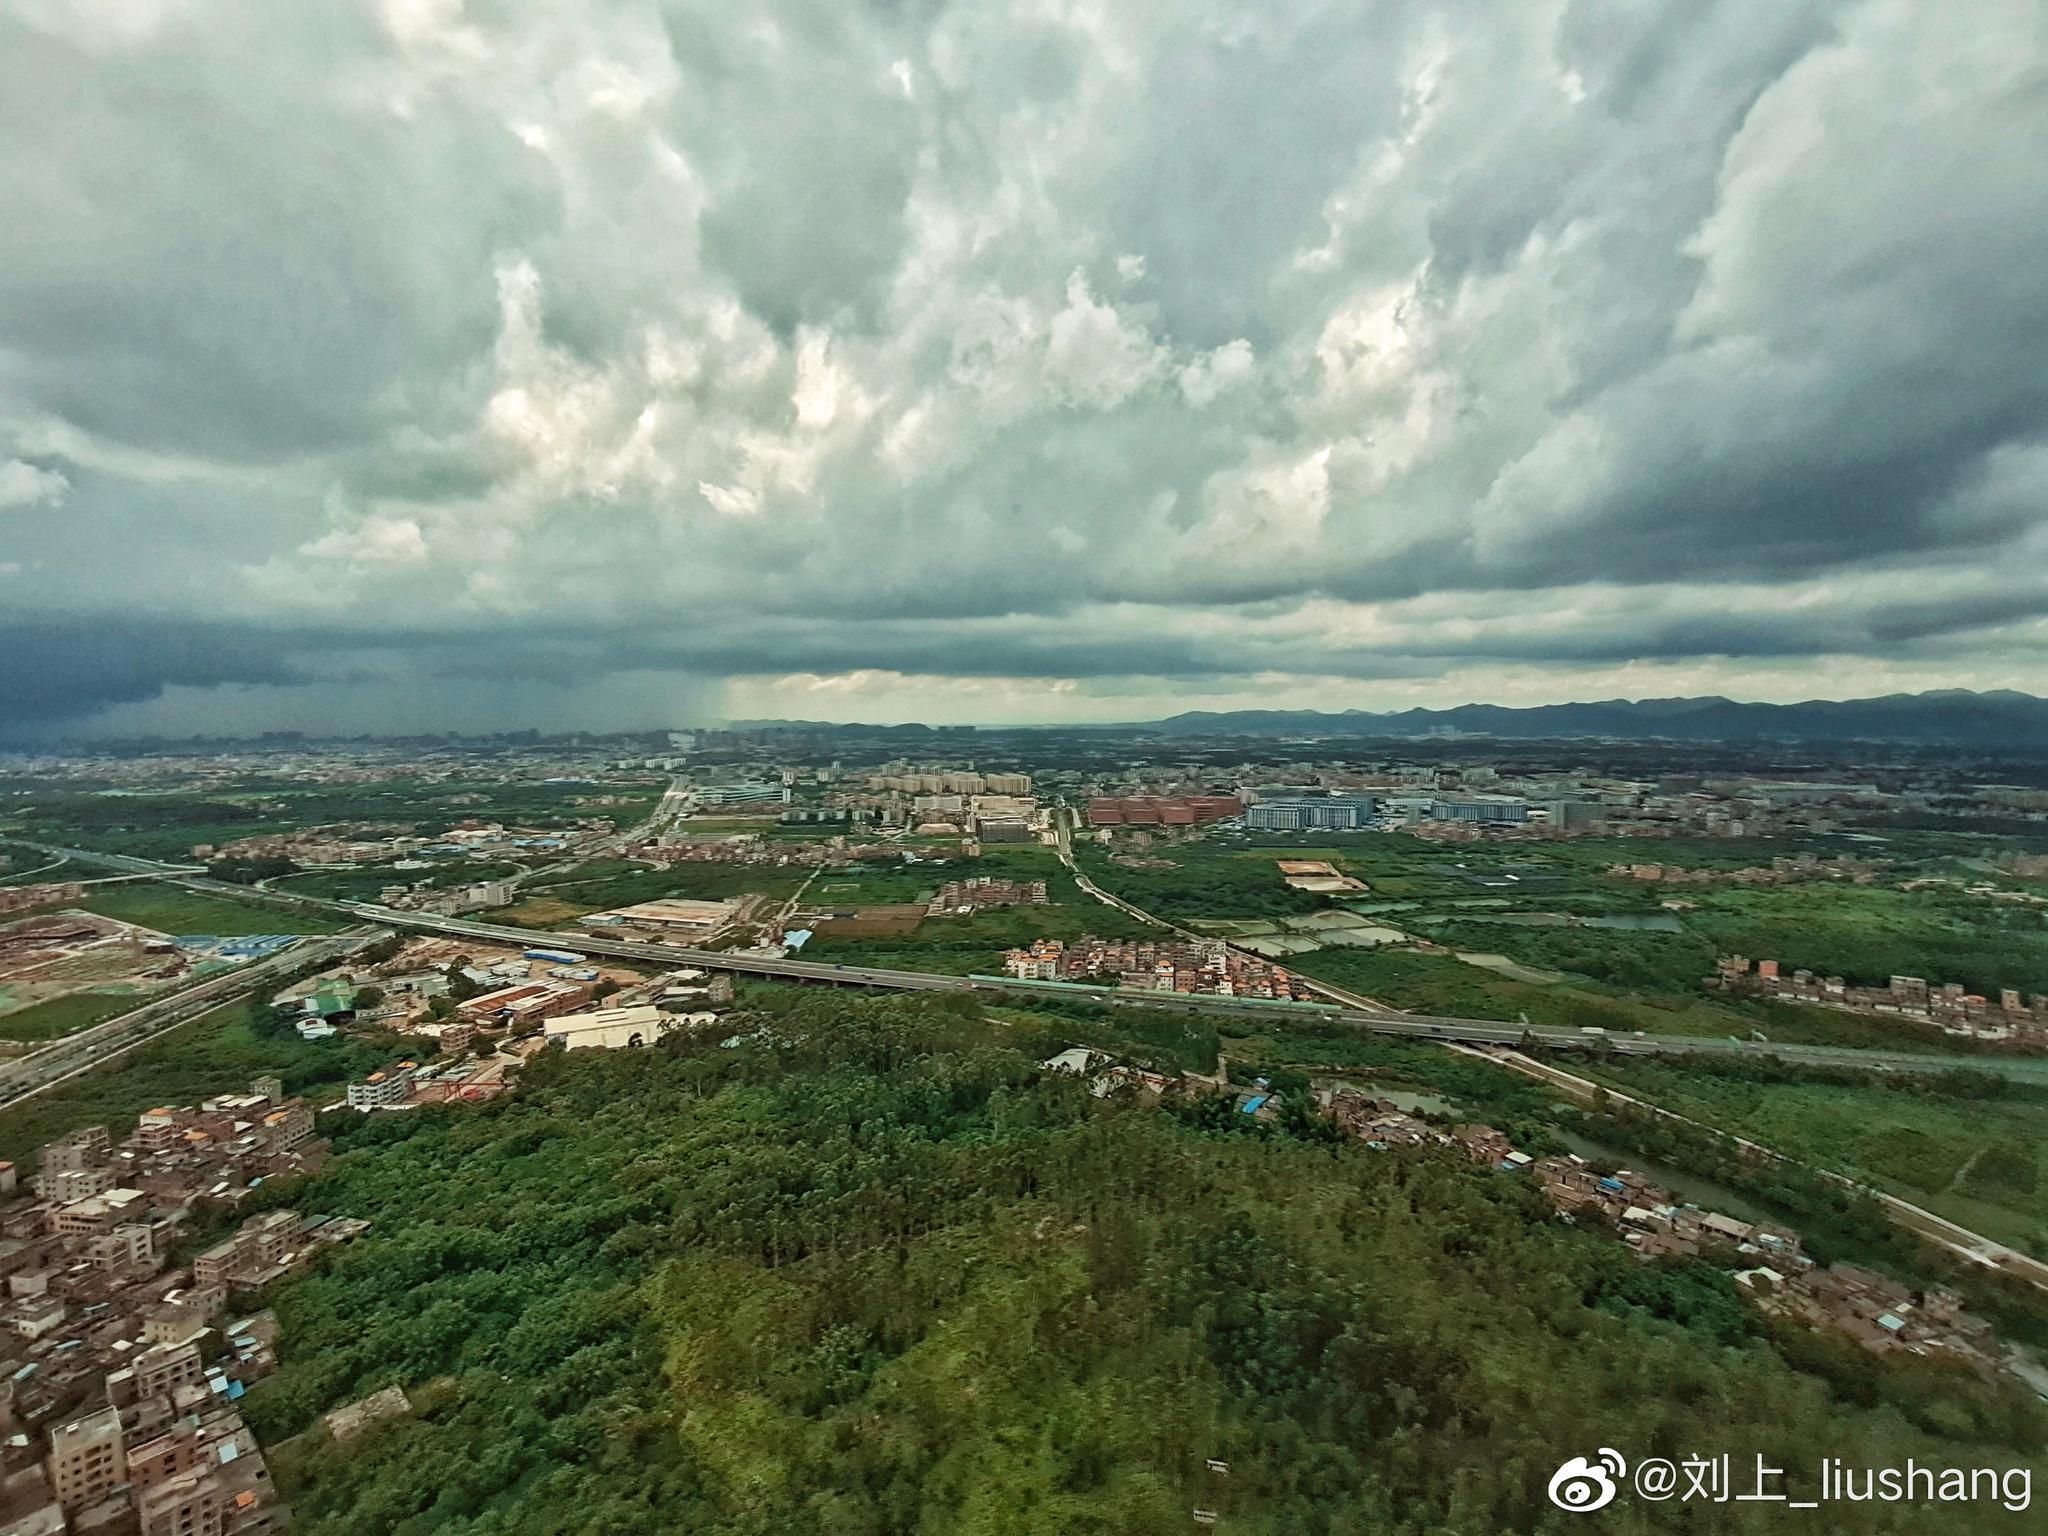 到达广州,云层漂亮